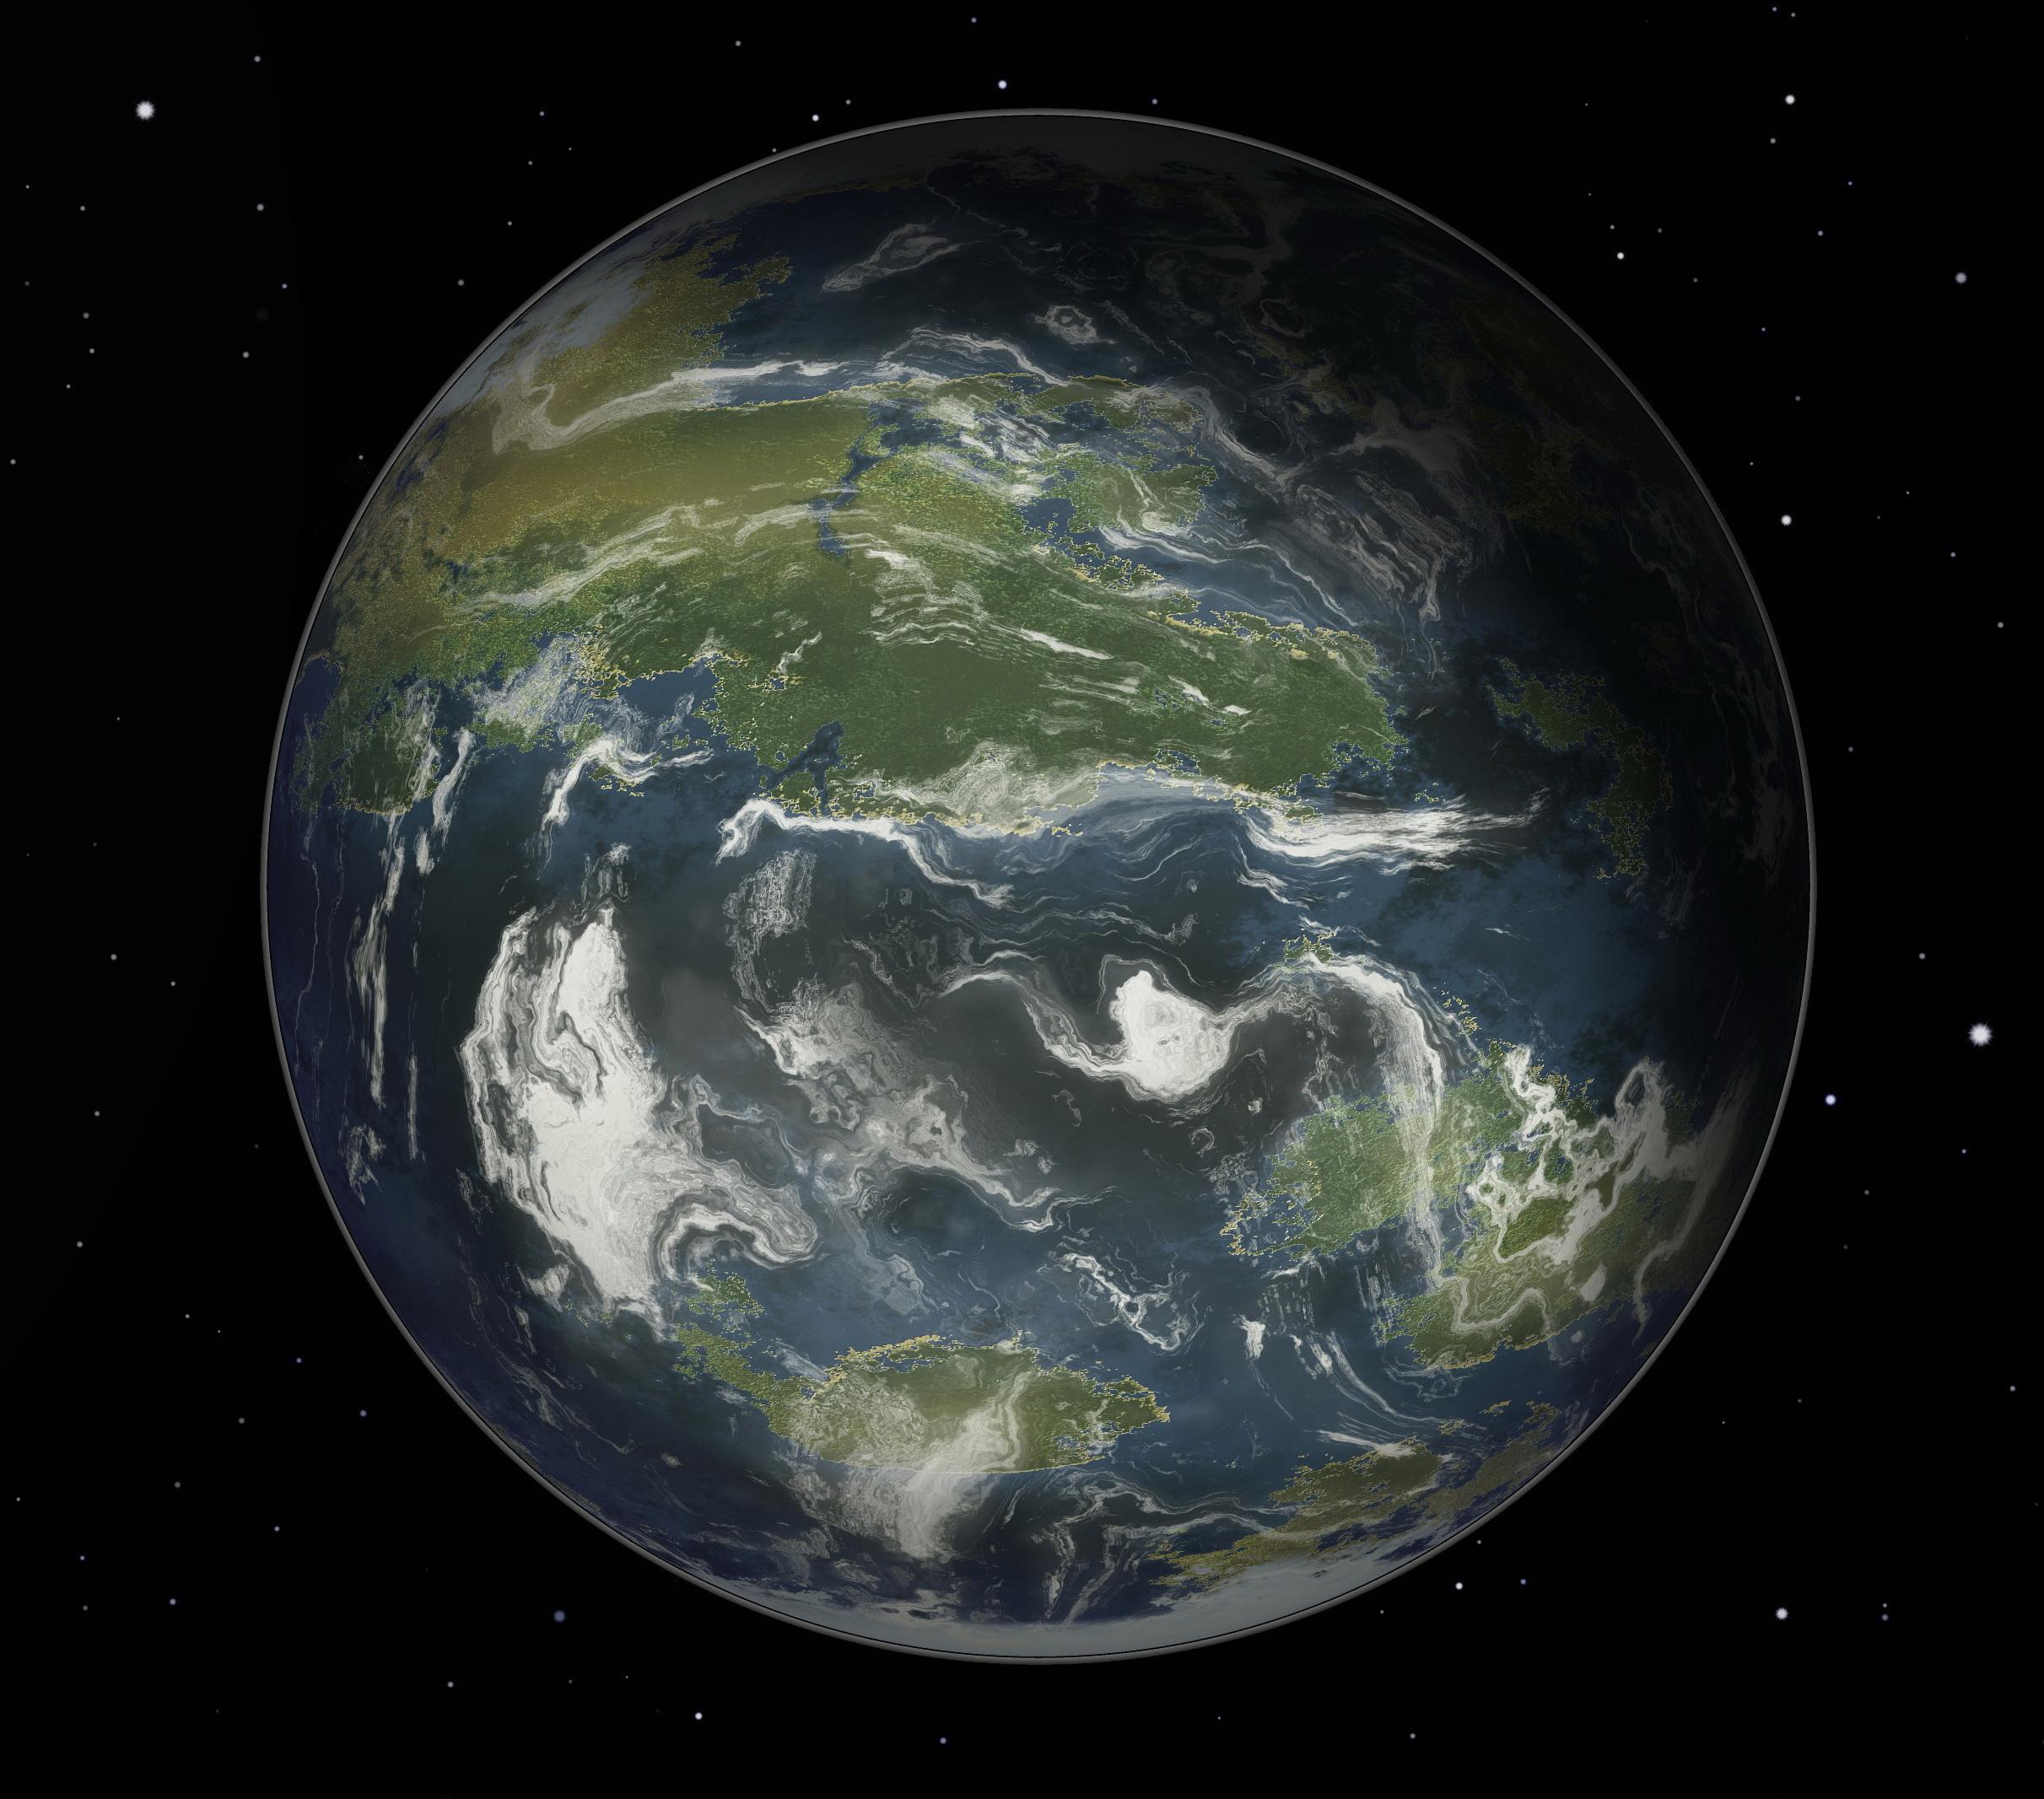 https://i.ibb.co/4NPGJRD/kosmos-nevesomost-planety11111.jpg